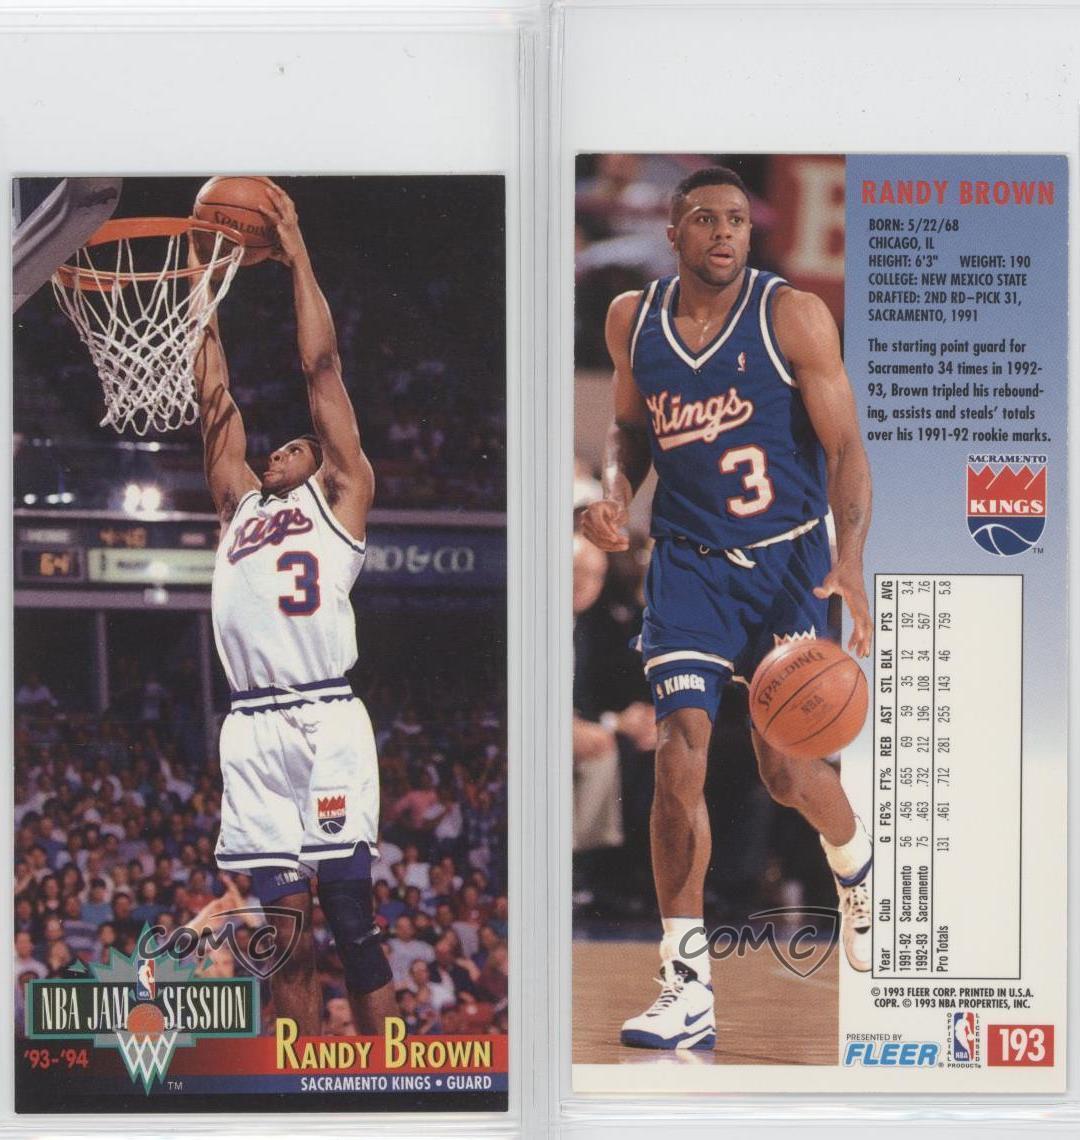 1993-94 NBA Jam Session #193 Randy Brown Sacramento Kings